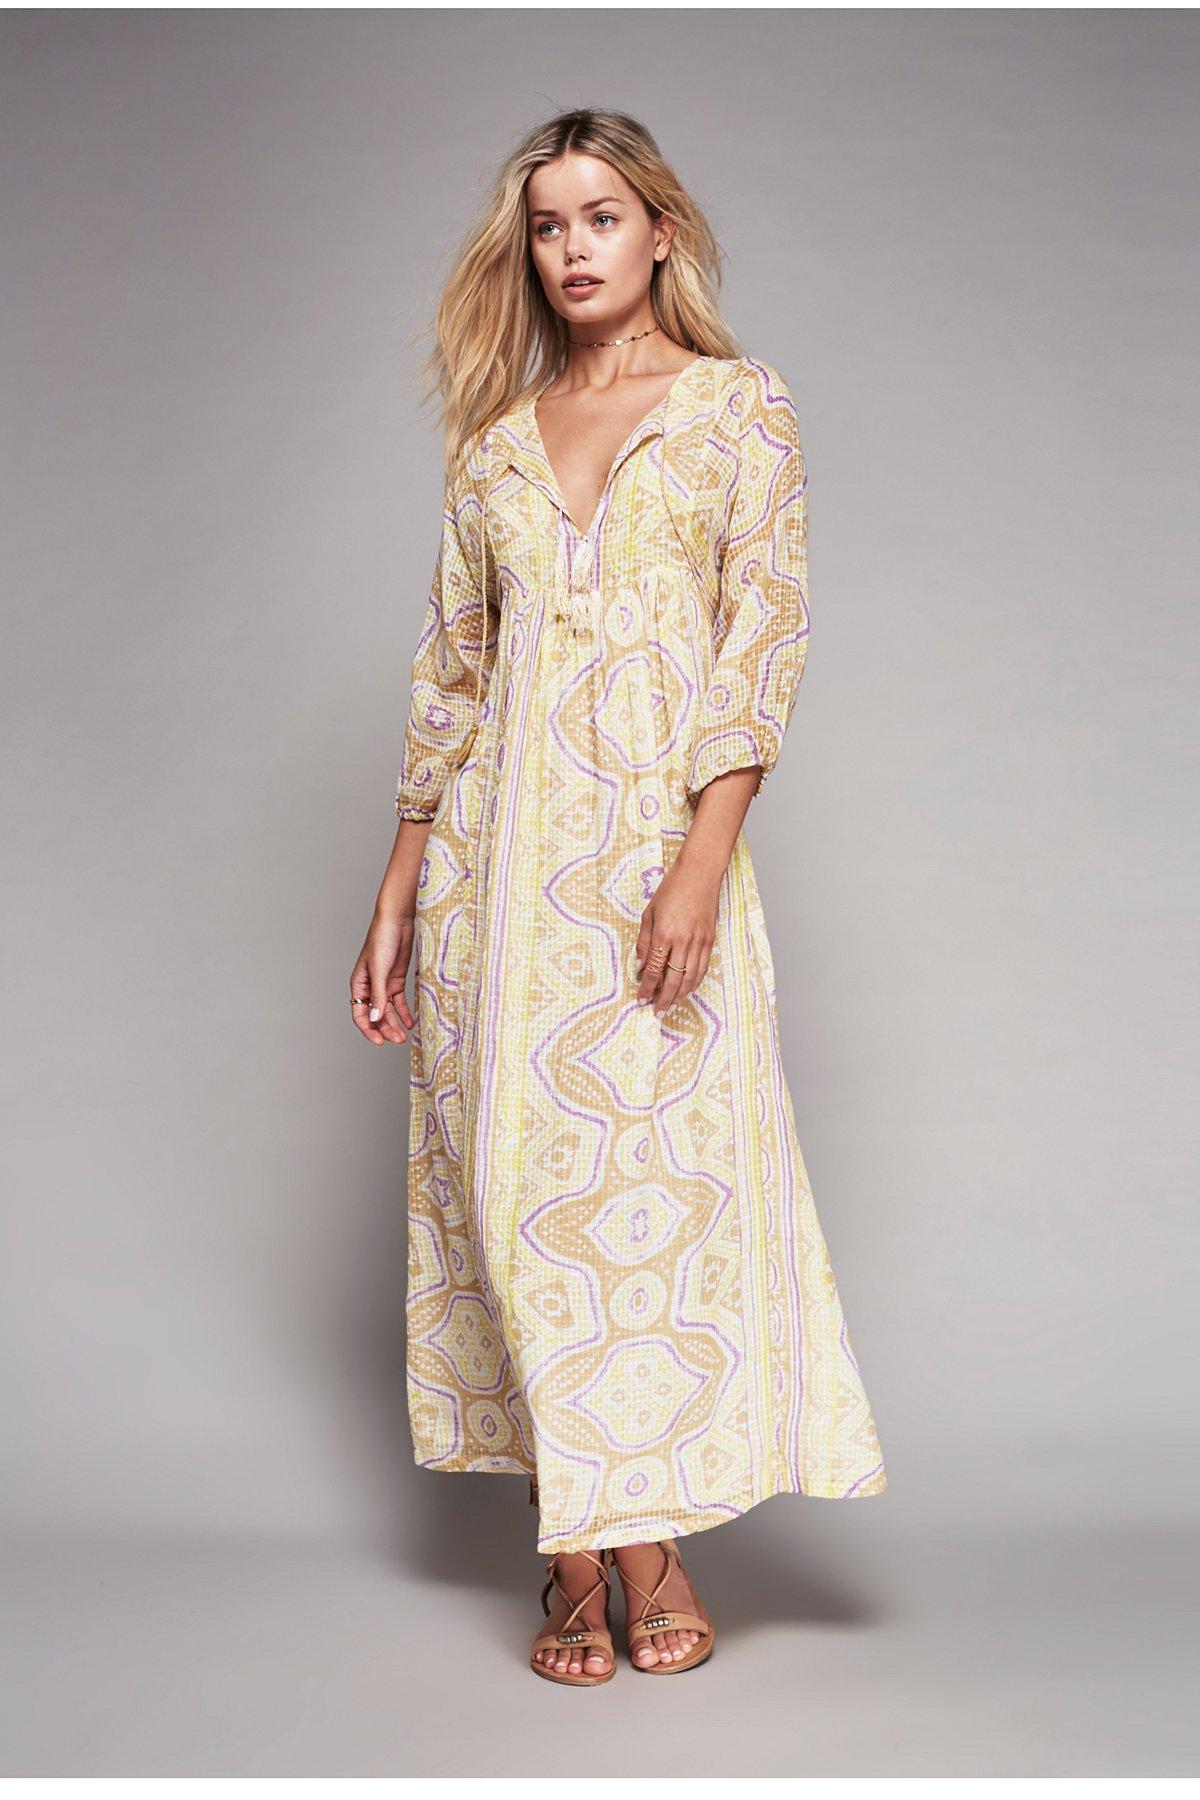 Jagga Long Dress